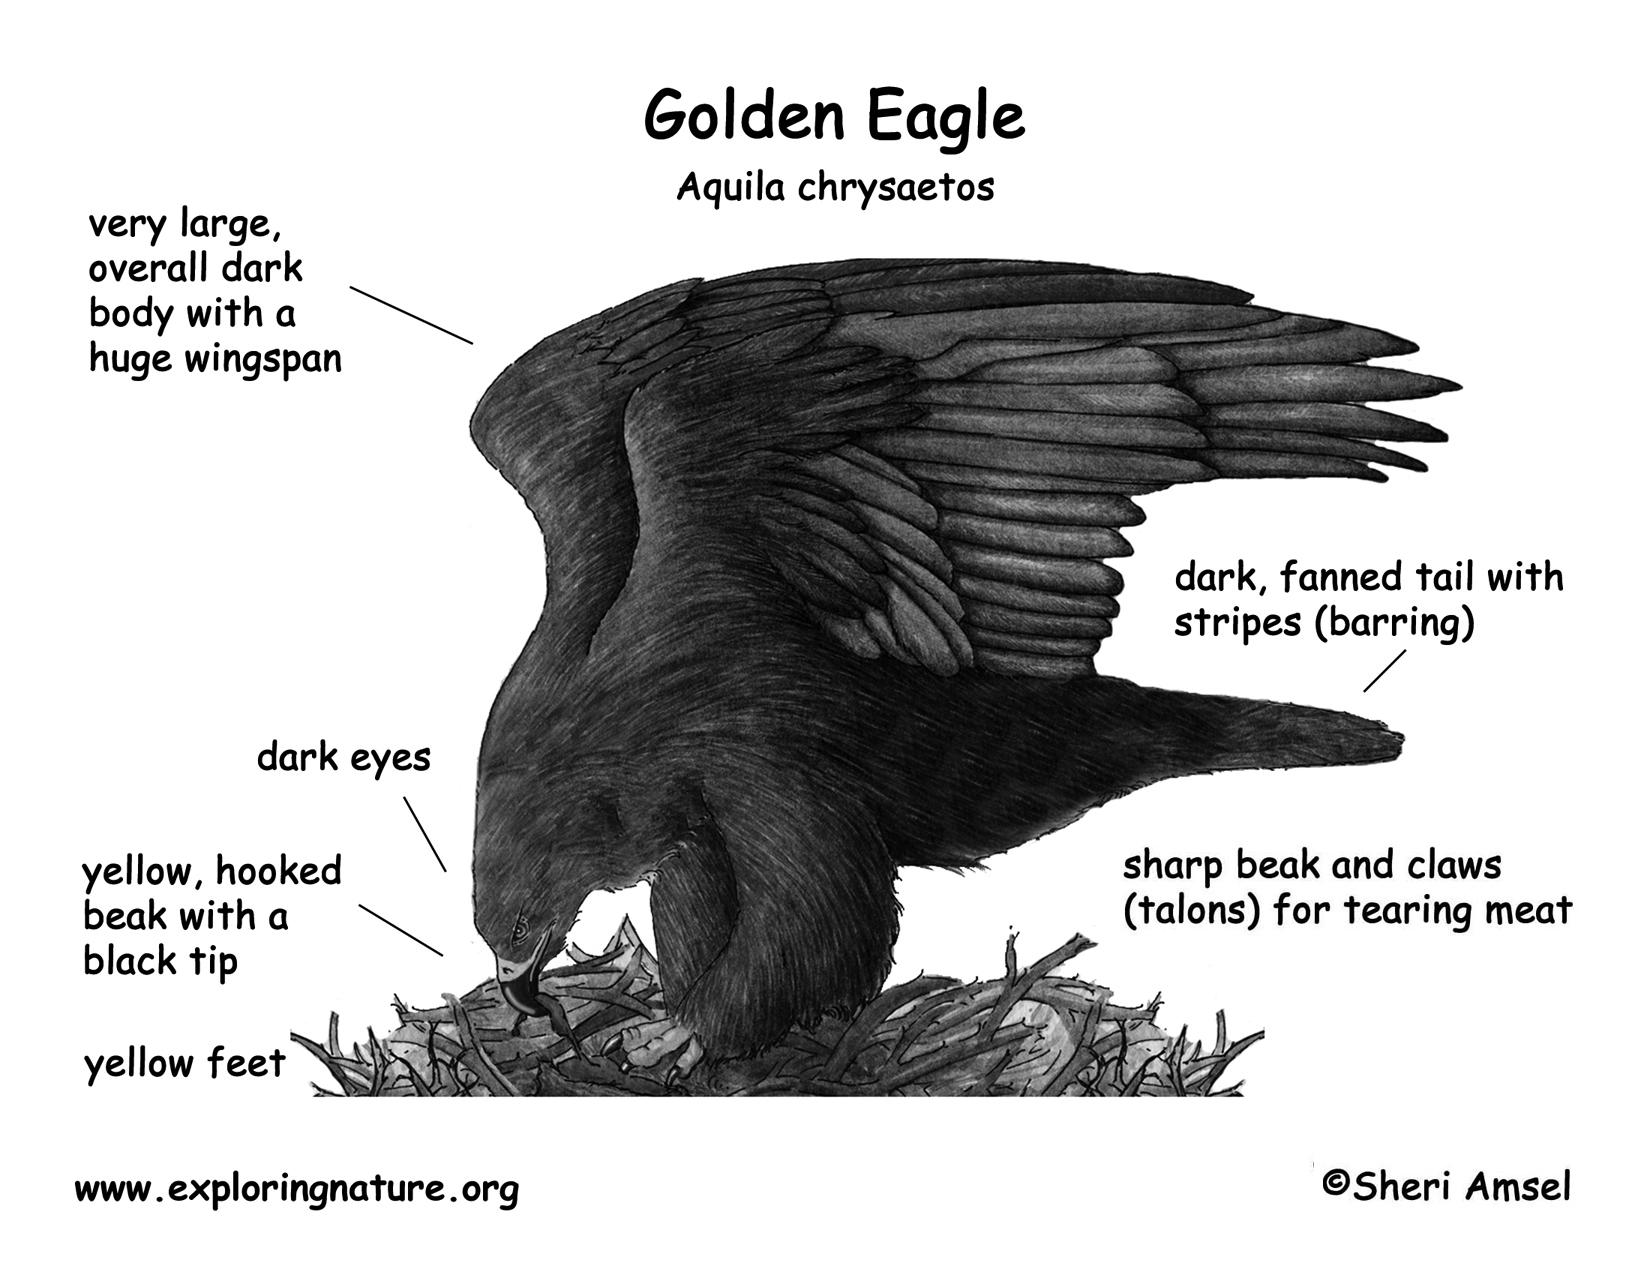 eagle anatomy diagram porsche 911 alternator wiring golden